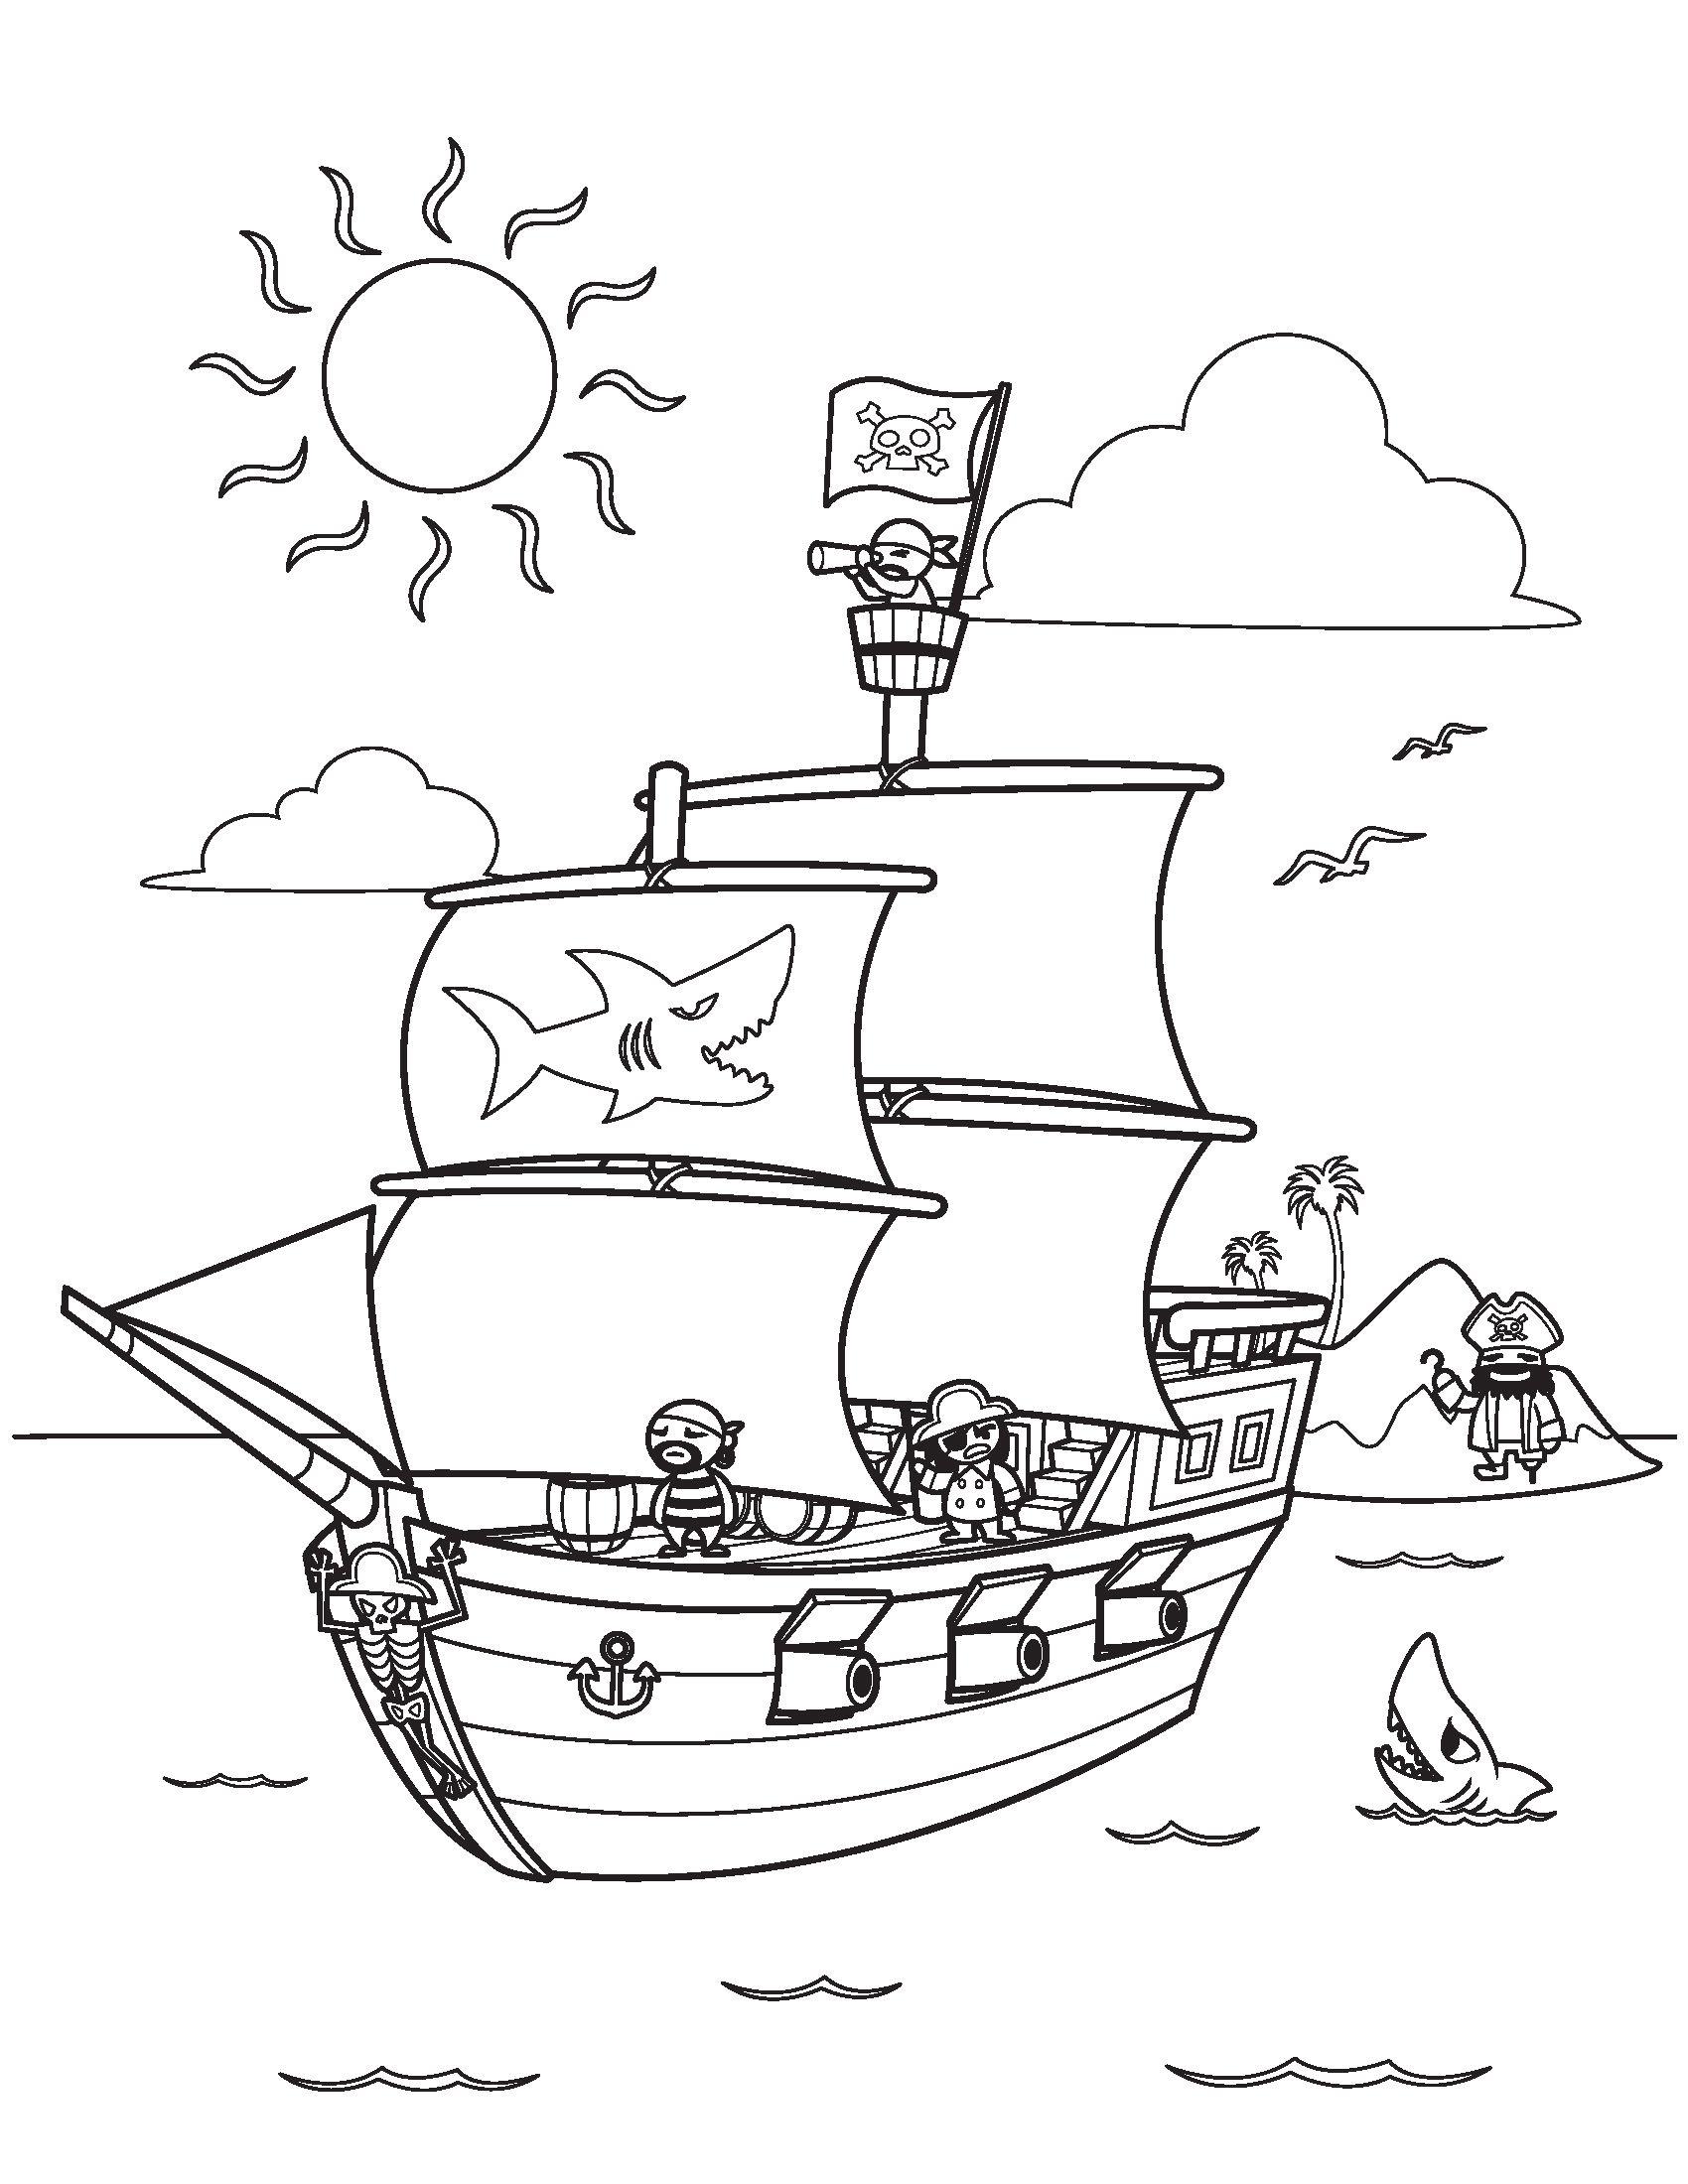 Tranh tô màu phong cảnh biển cho bé